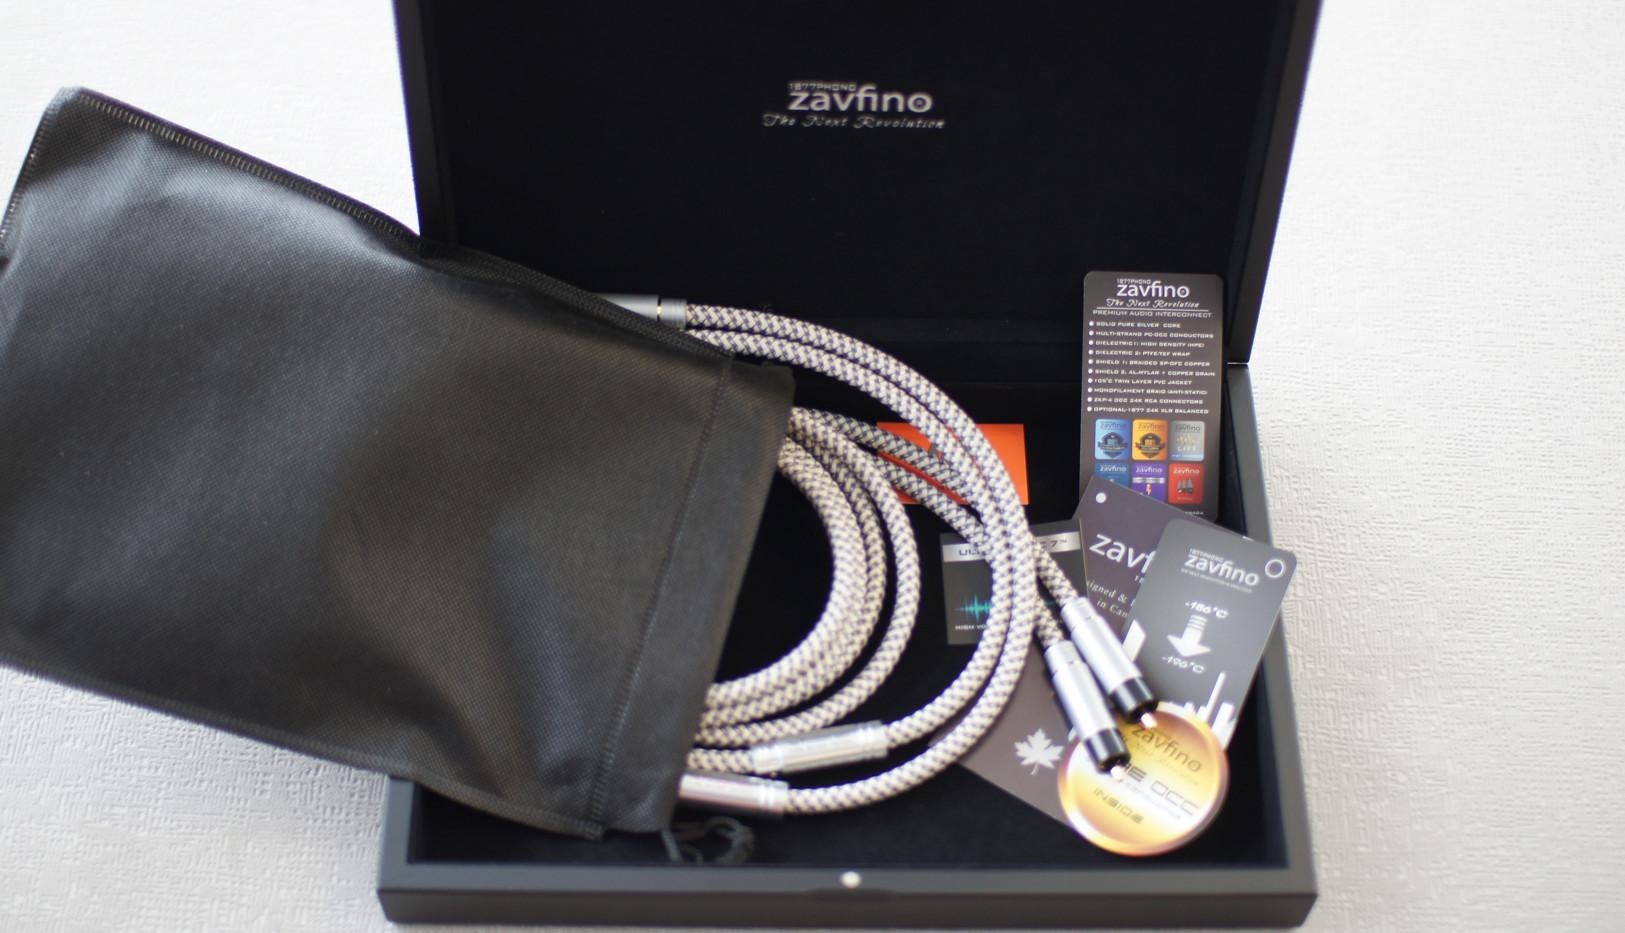 Zavfino-fusion-04.jpg